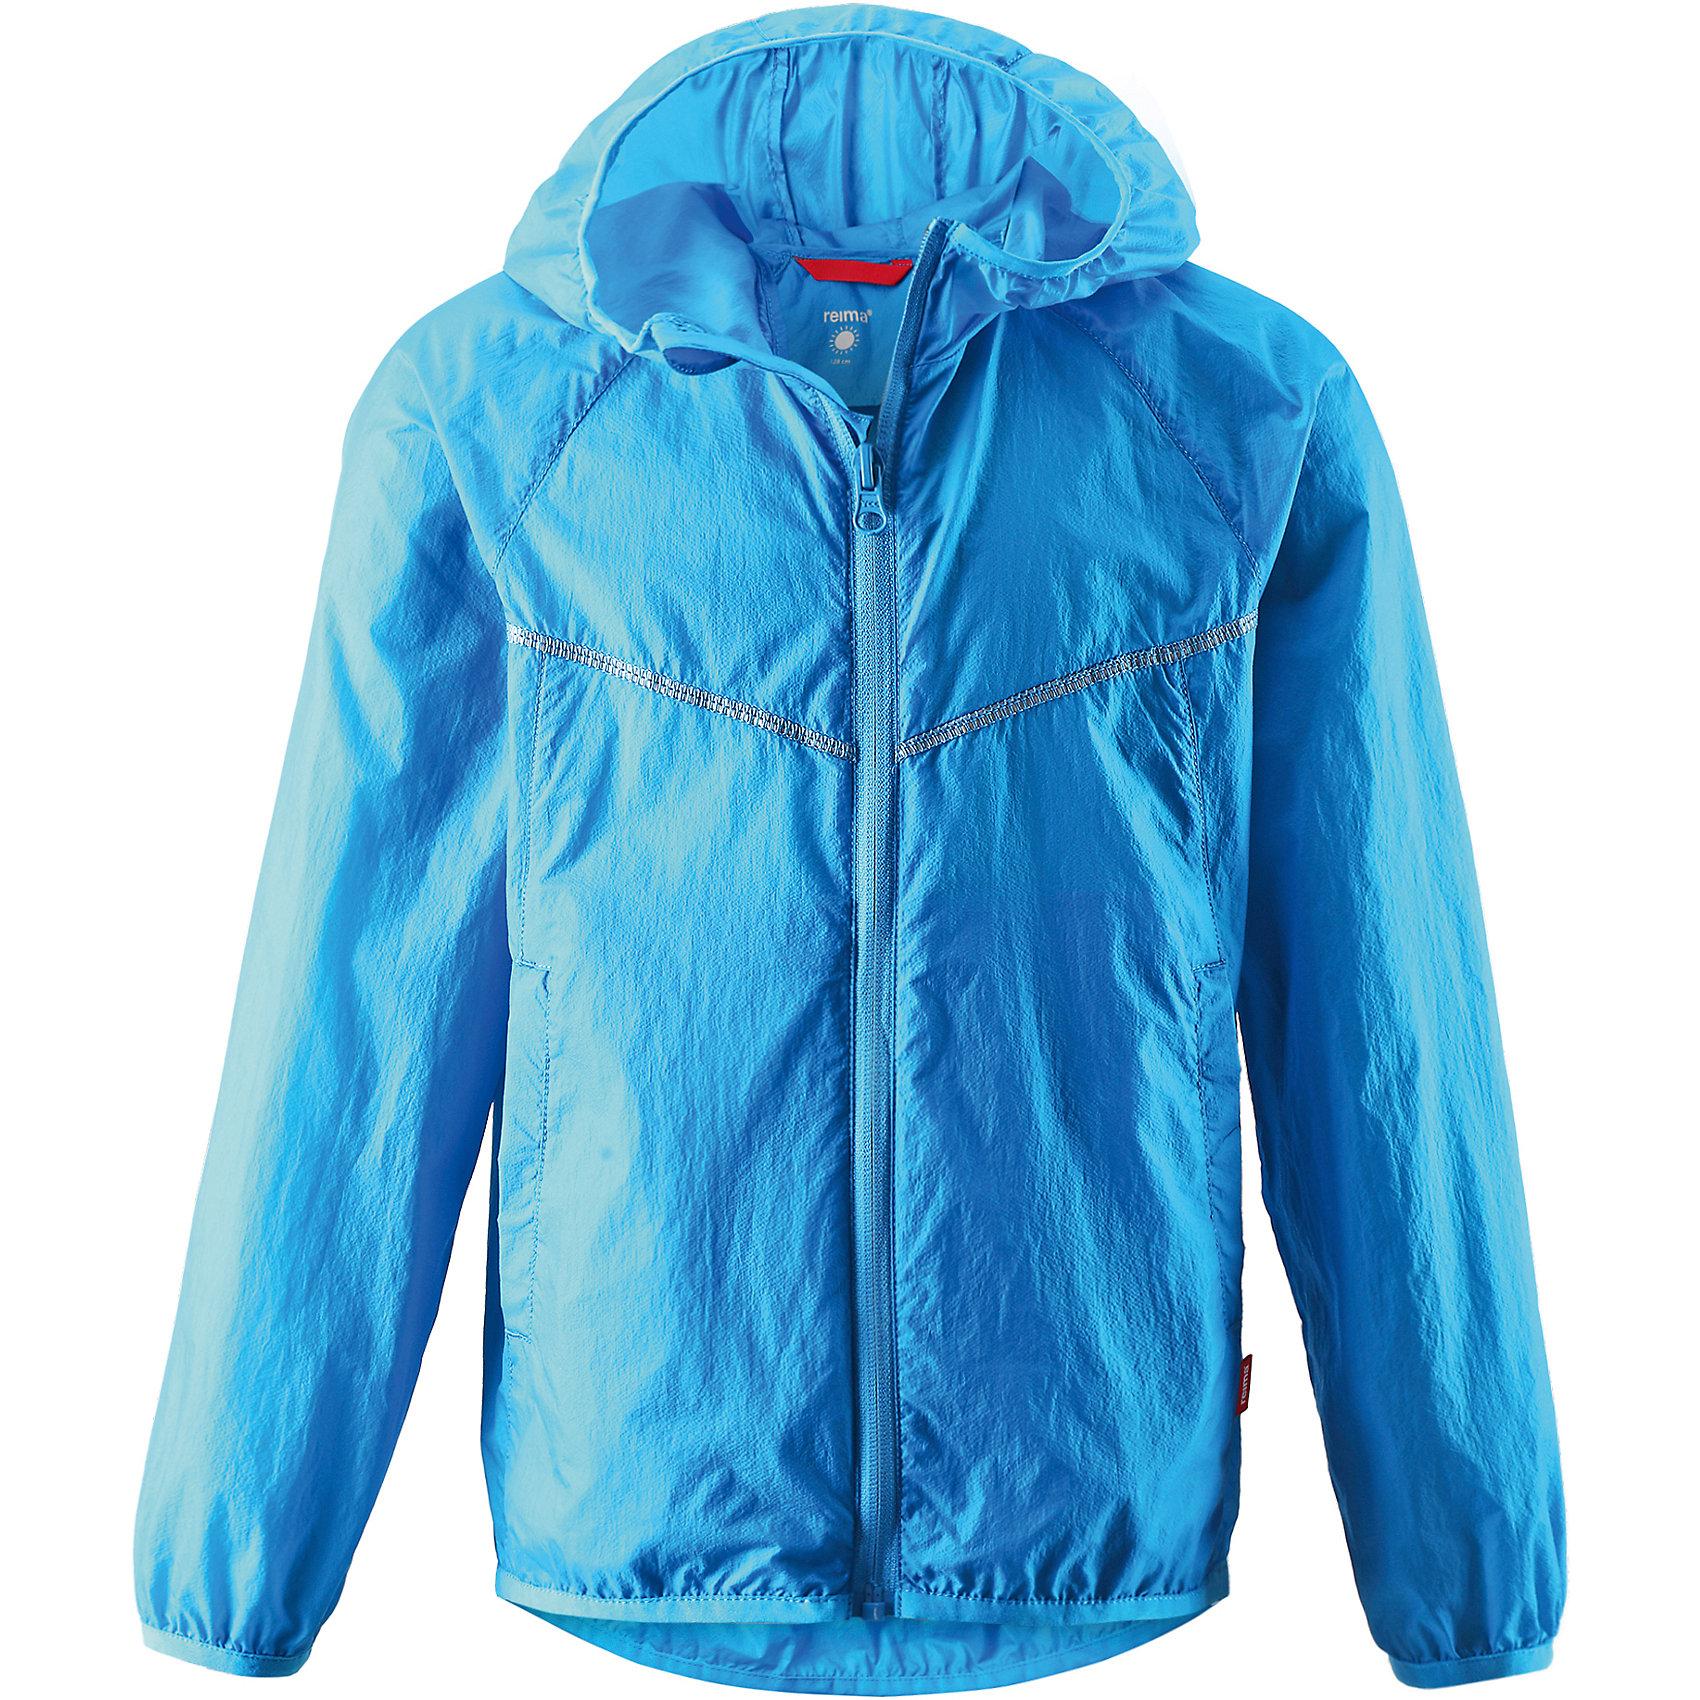 Куртка ReimaОдежда<br>Куртка от финской марки Reima.<br>*Куртка для подростков*Облегченный материал!*Эластичная резинка на кромке капюшона, манжетах и подоле*Возможность сложить куртку в ее собственный карман*Два боковых кармана<br>Состав:<br>100% ПА<br><br>Ширина мм: 356<br>Глубина мм: 10<br>Высота мм: 245<br>Вес г: 519<br>Цвет: голубой<br>Возраст от месяцев: 84<br>Возраст до месяцев: 96<br>Пол: Унисекс<br>Возраст: Детский<br>Размер: 128,116,110,122,104,134,140<br>SKU: 4631557